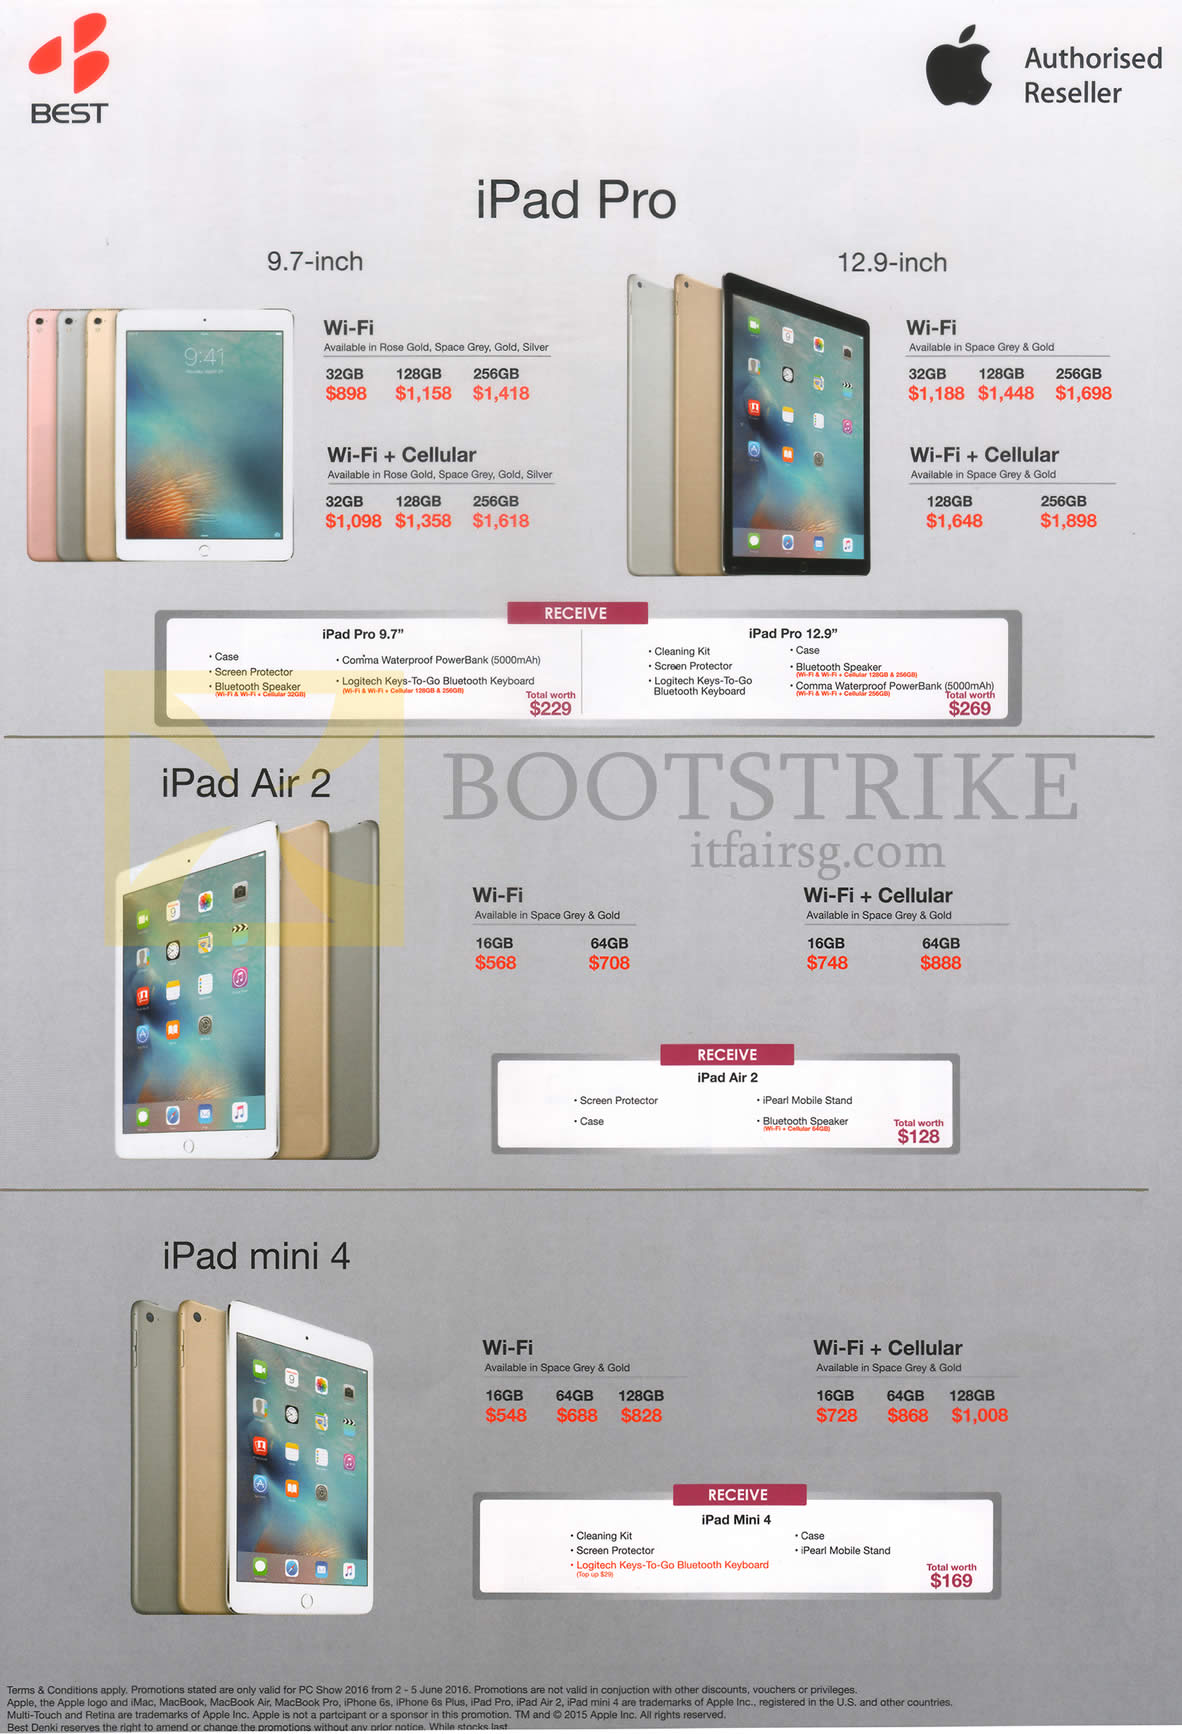 PC SHOW 2016 price list image brochure of Apple Tablets IPad Pro 9.7, 12.9, IPad Air 2, IPad Mini 4, 16GB, 32GB, 64GB, 128GB, 256GB